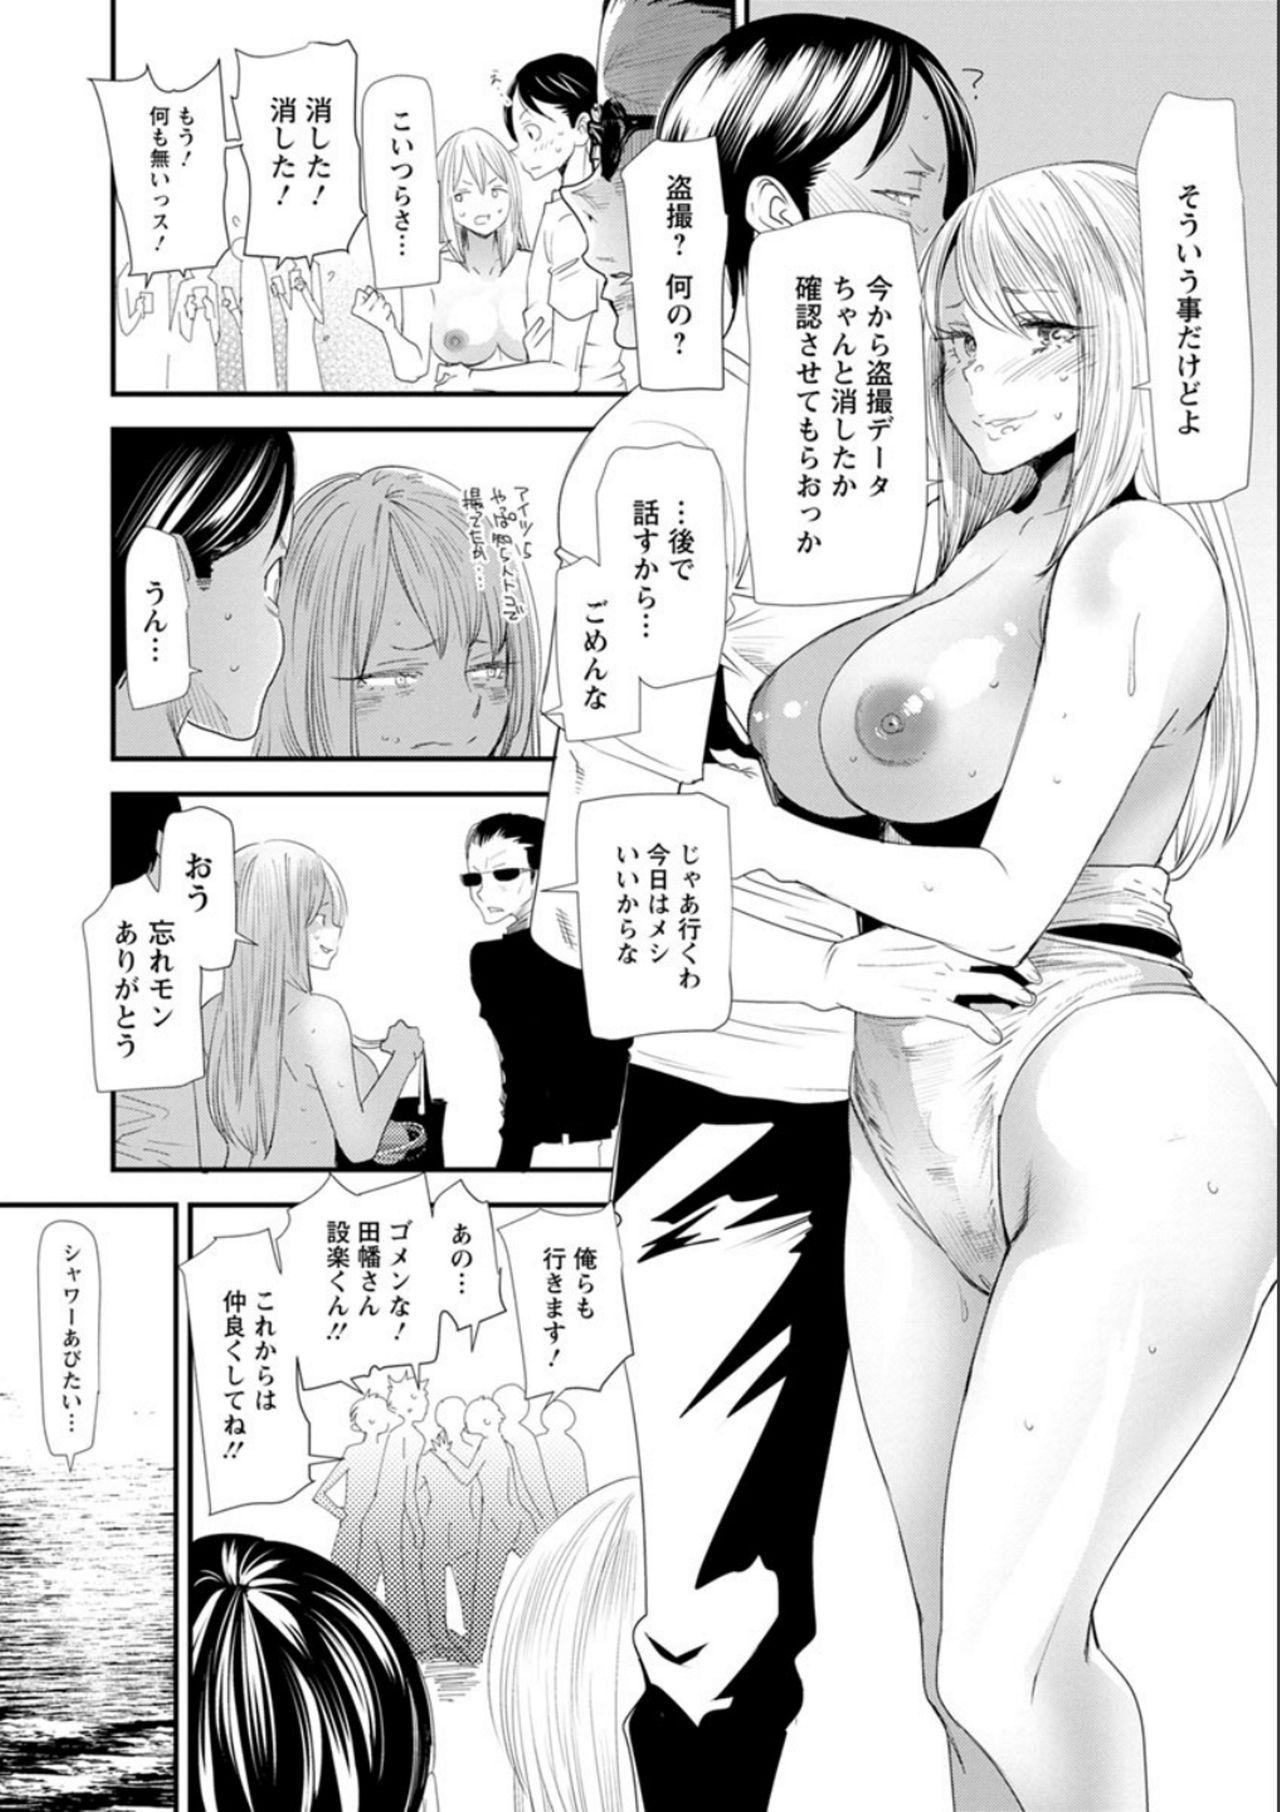 Nao's Secret 132